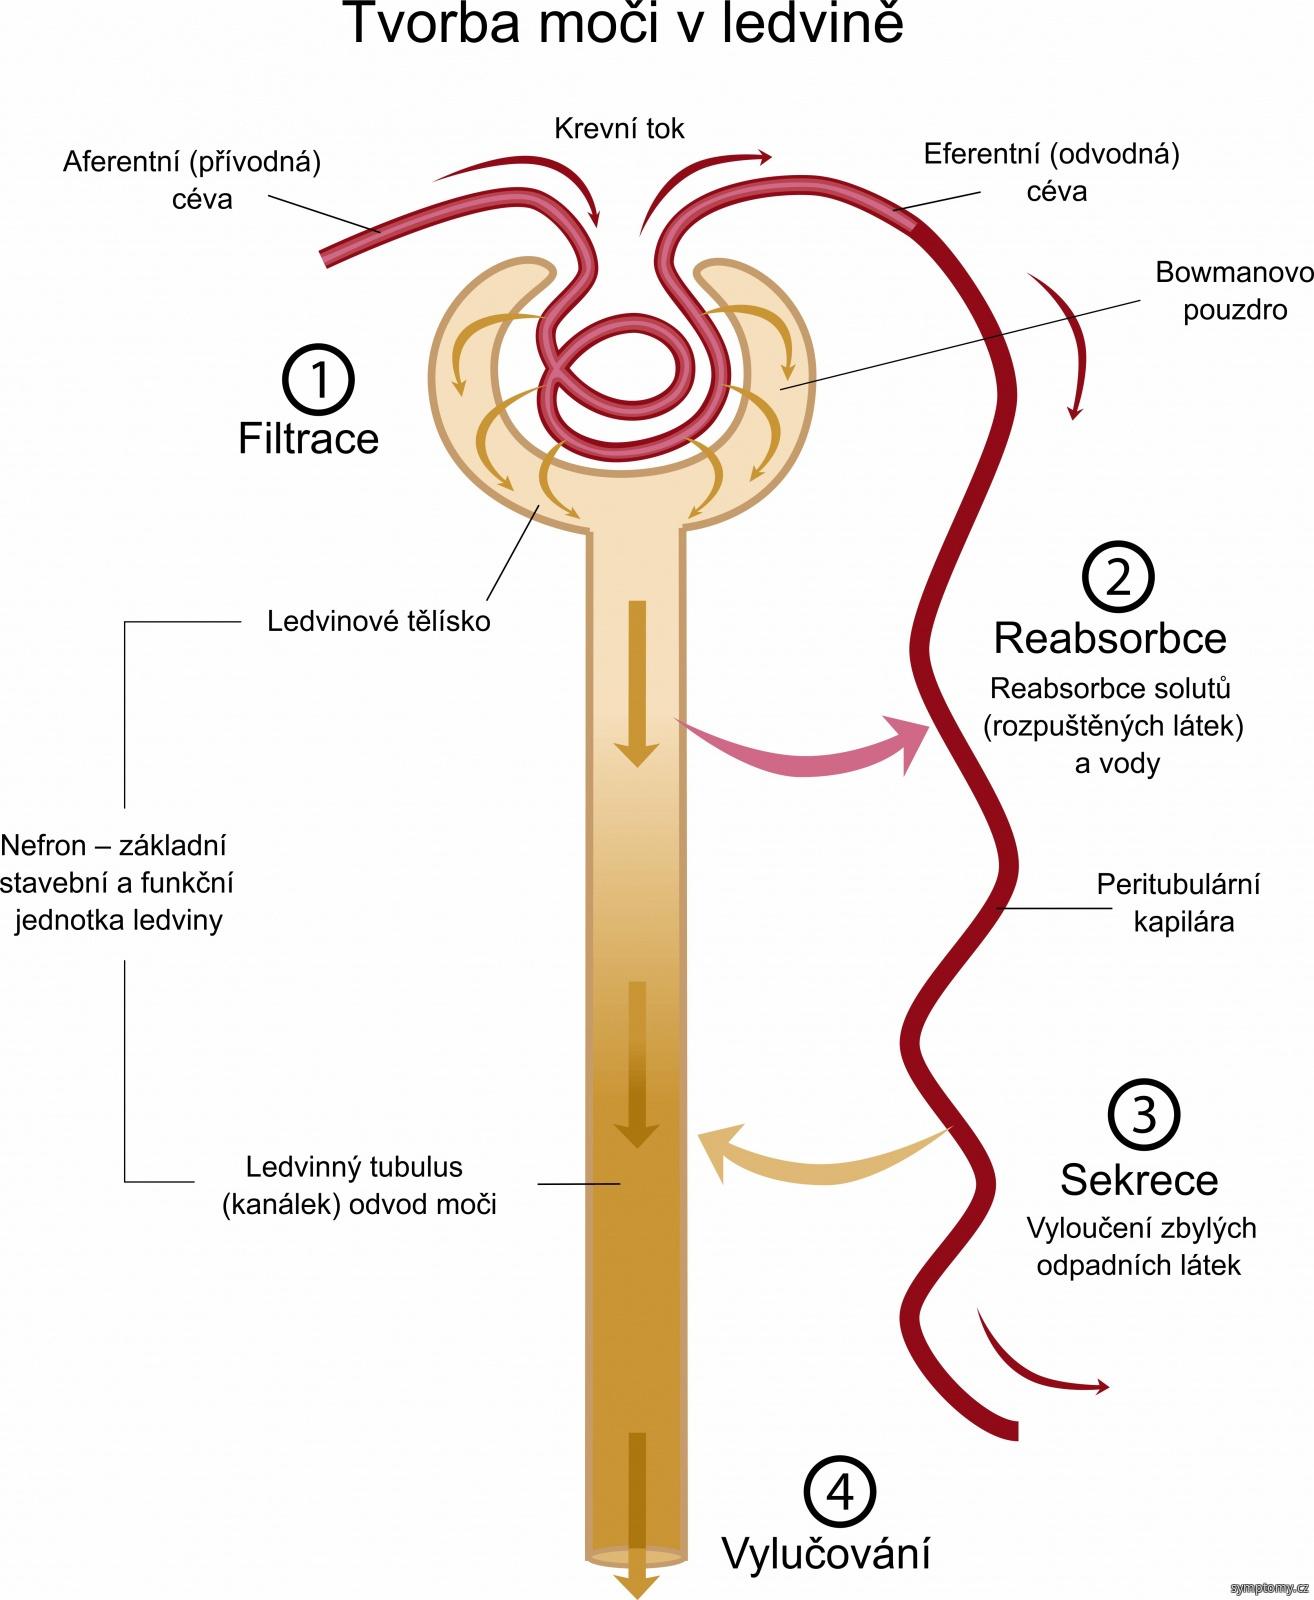 Tvorba moči v ledvině